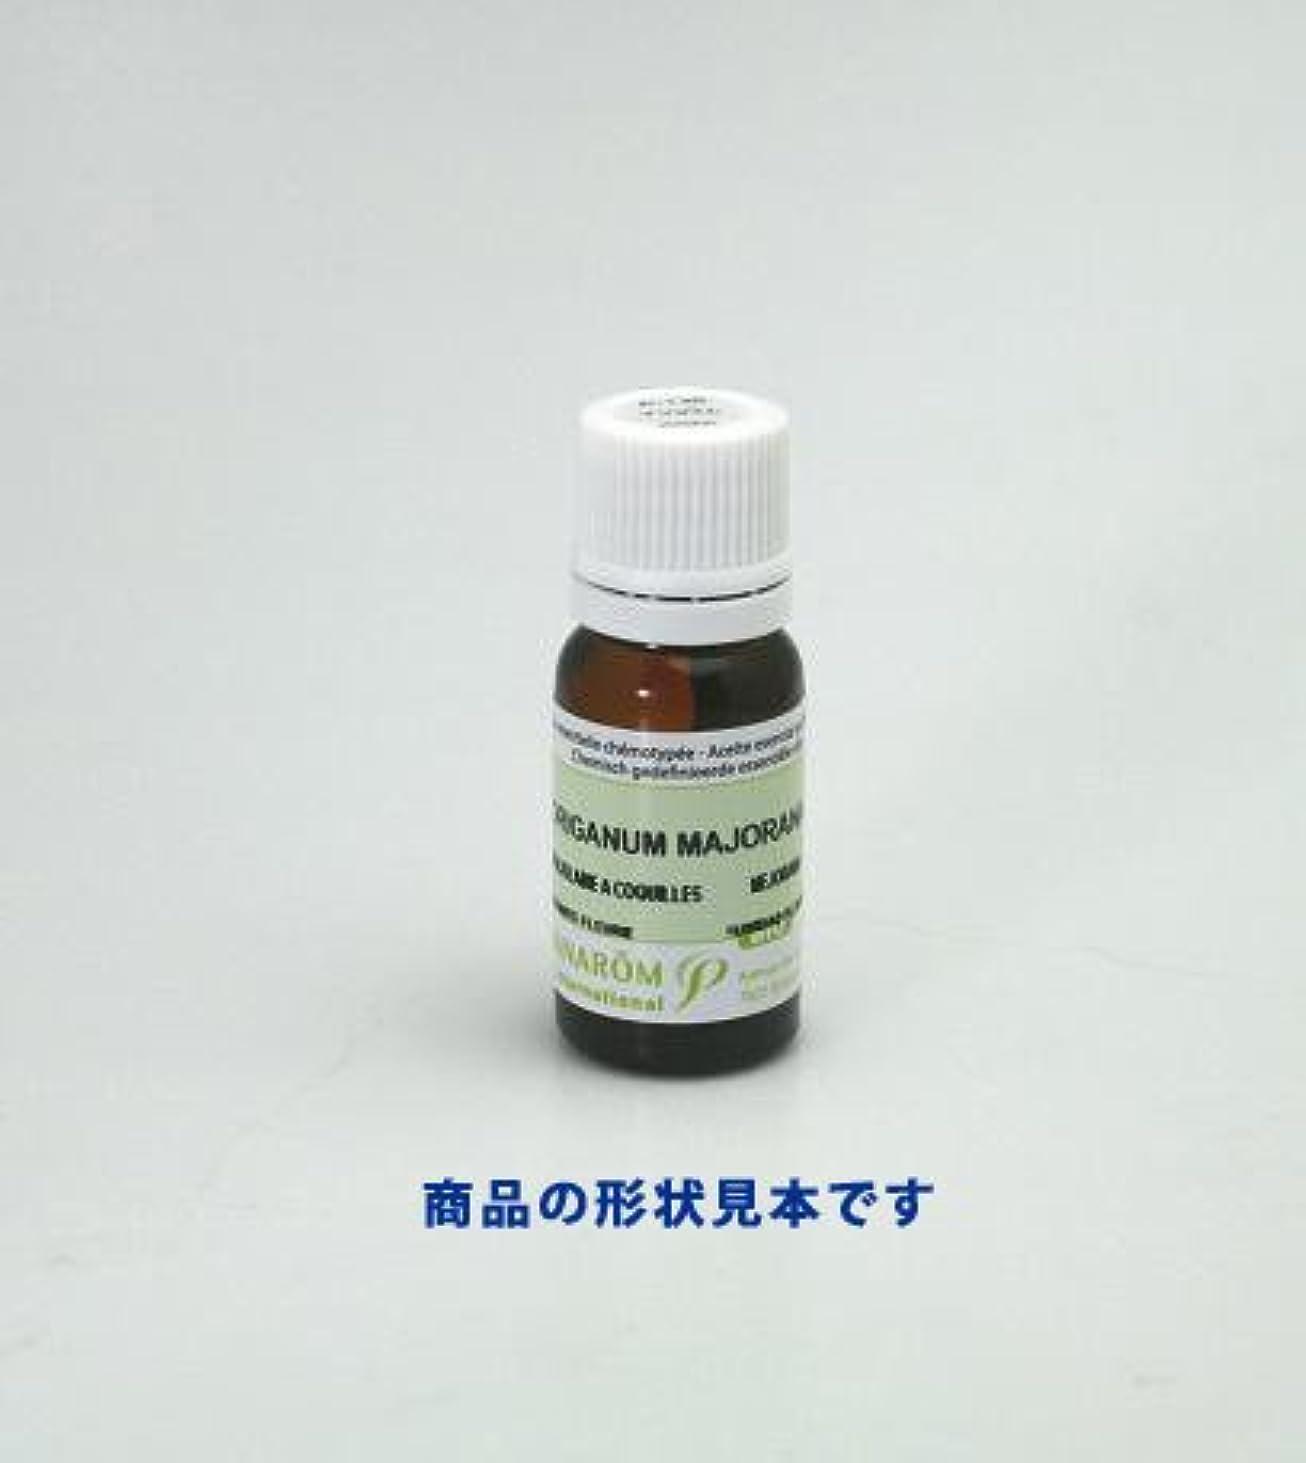 豆鈍い魂プラナロム社製精油:P-109 ティートゥリー(ティートリー)